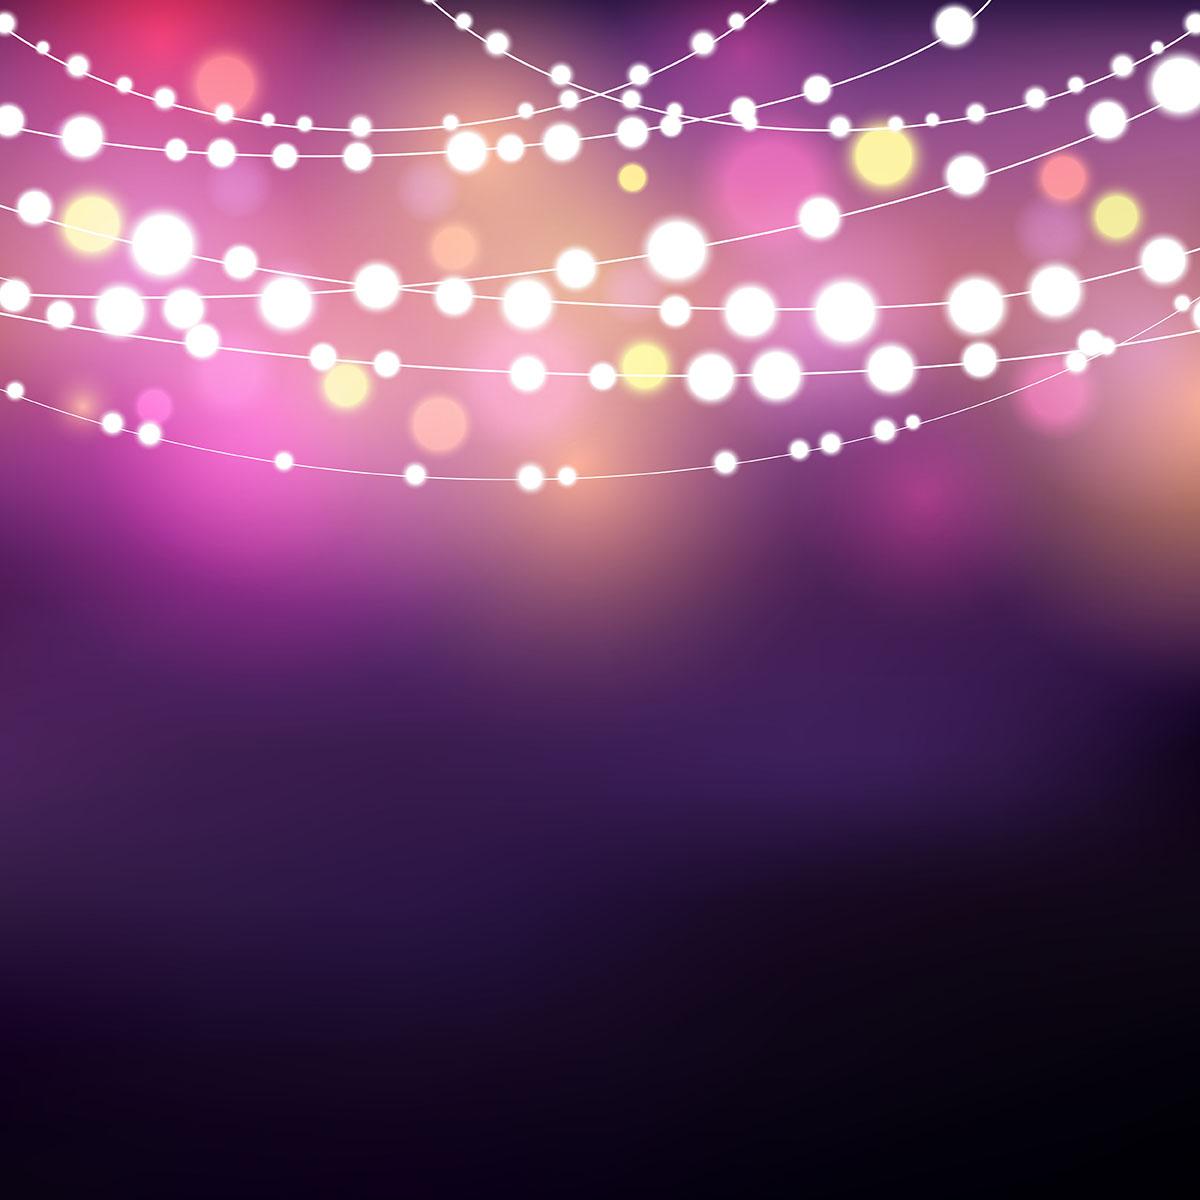 String Of Xmas Lights Clipart: String Lights Free Vector Art